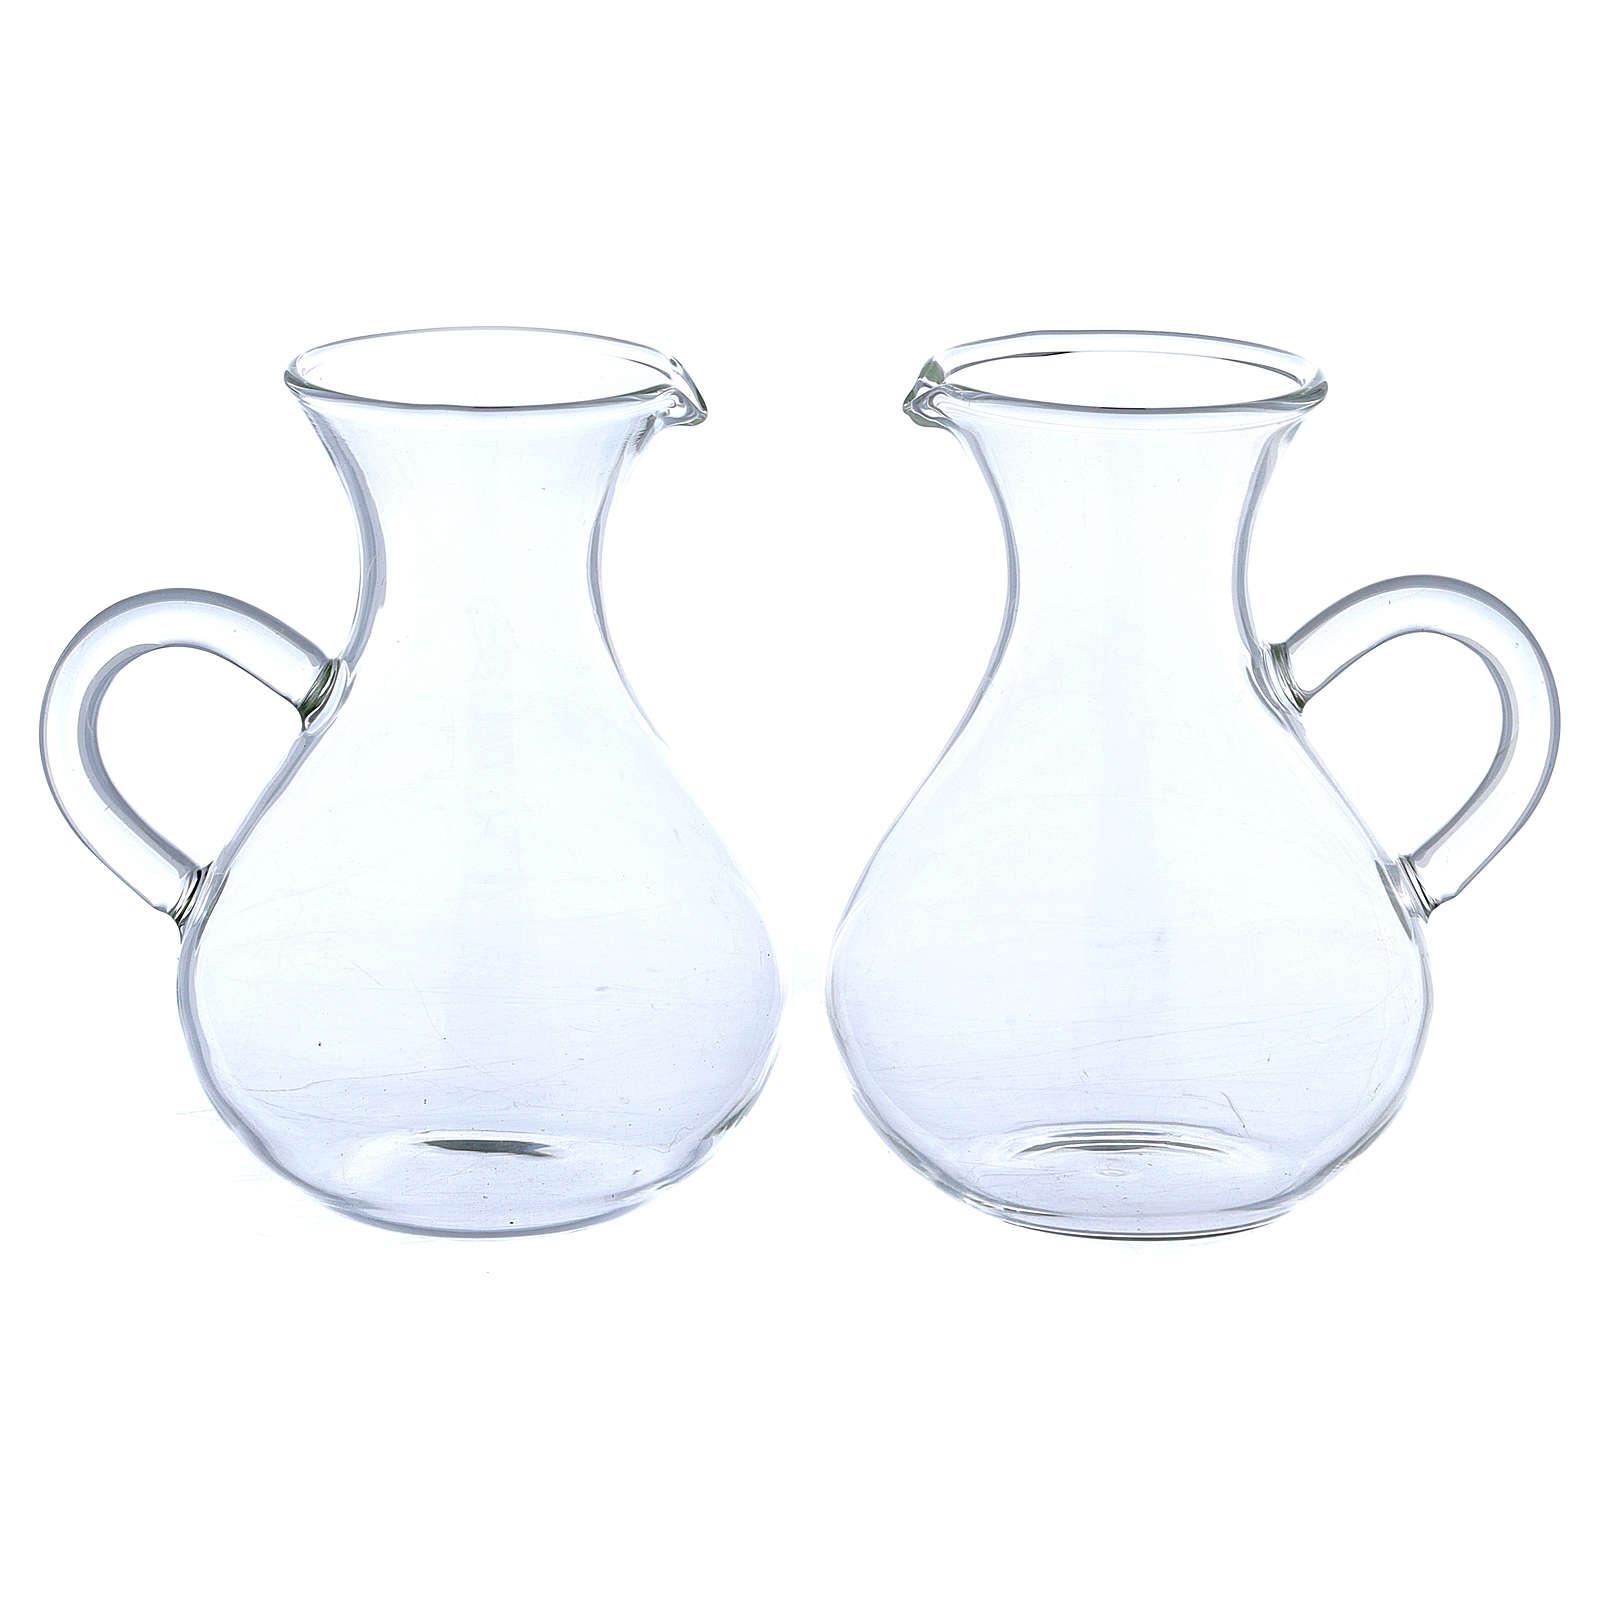 Brocchette vetro modello Roma pancia larga 130 ml 4